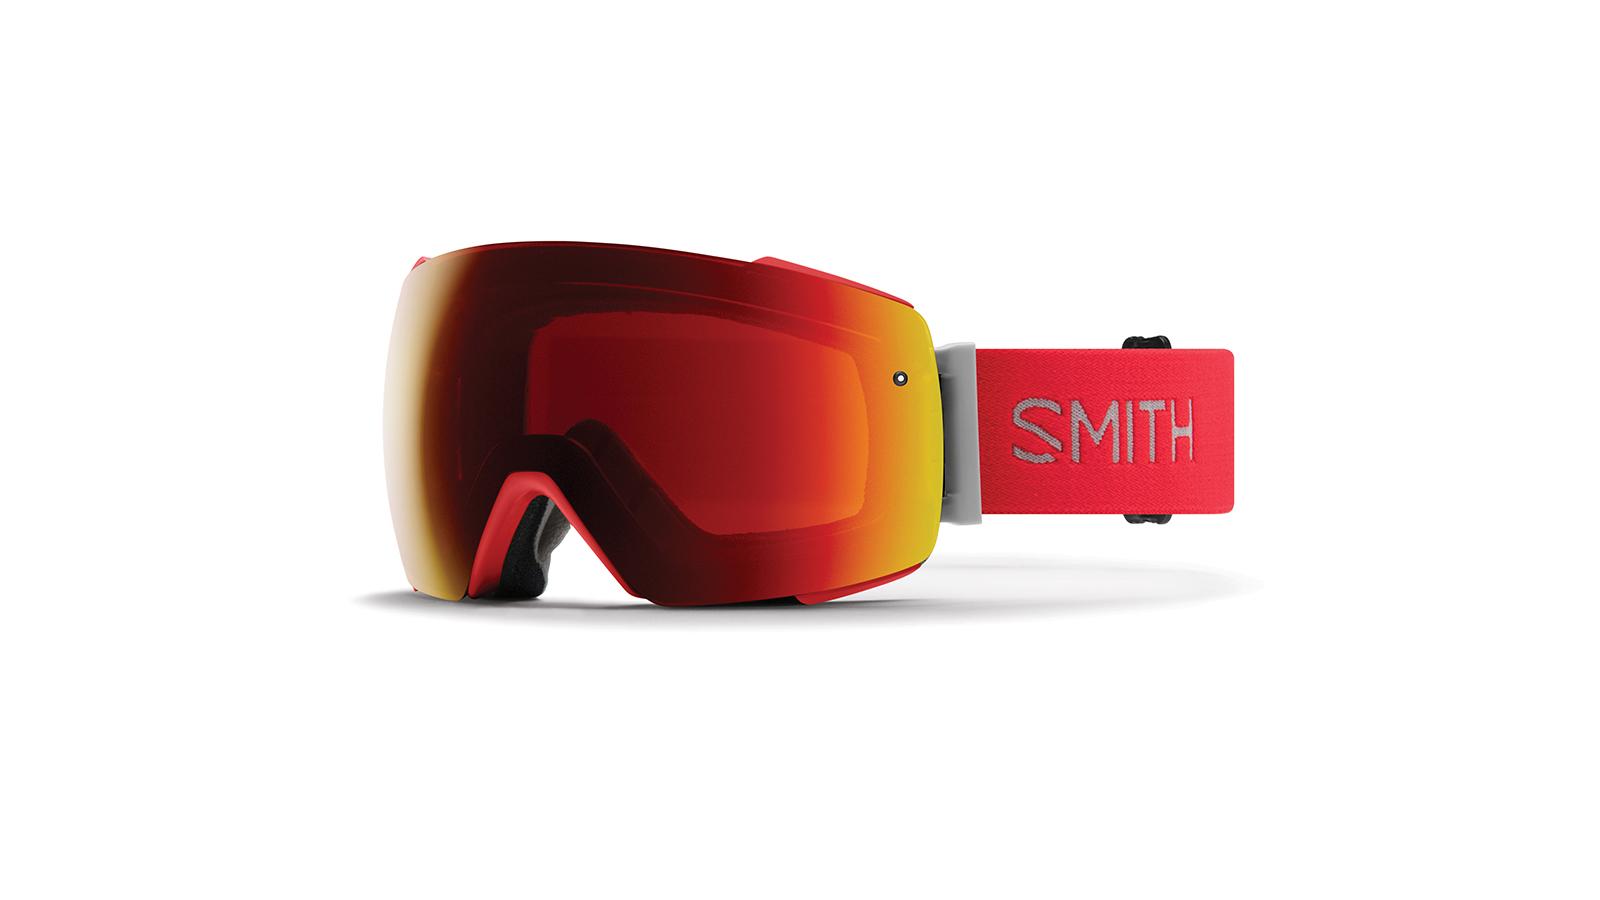 06a7f45bae6ae Smith Goggles FW18 19 Preview - Boardsport SOURCE